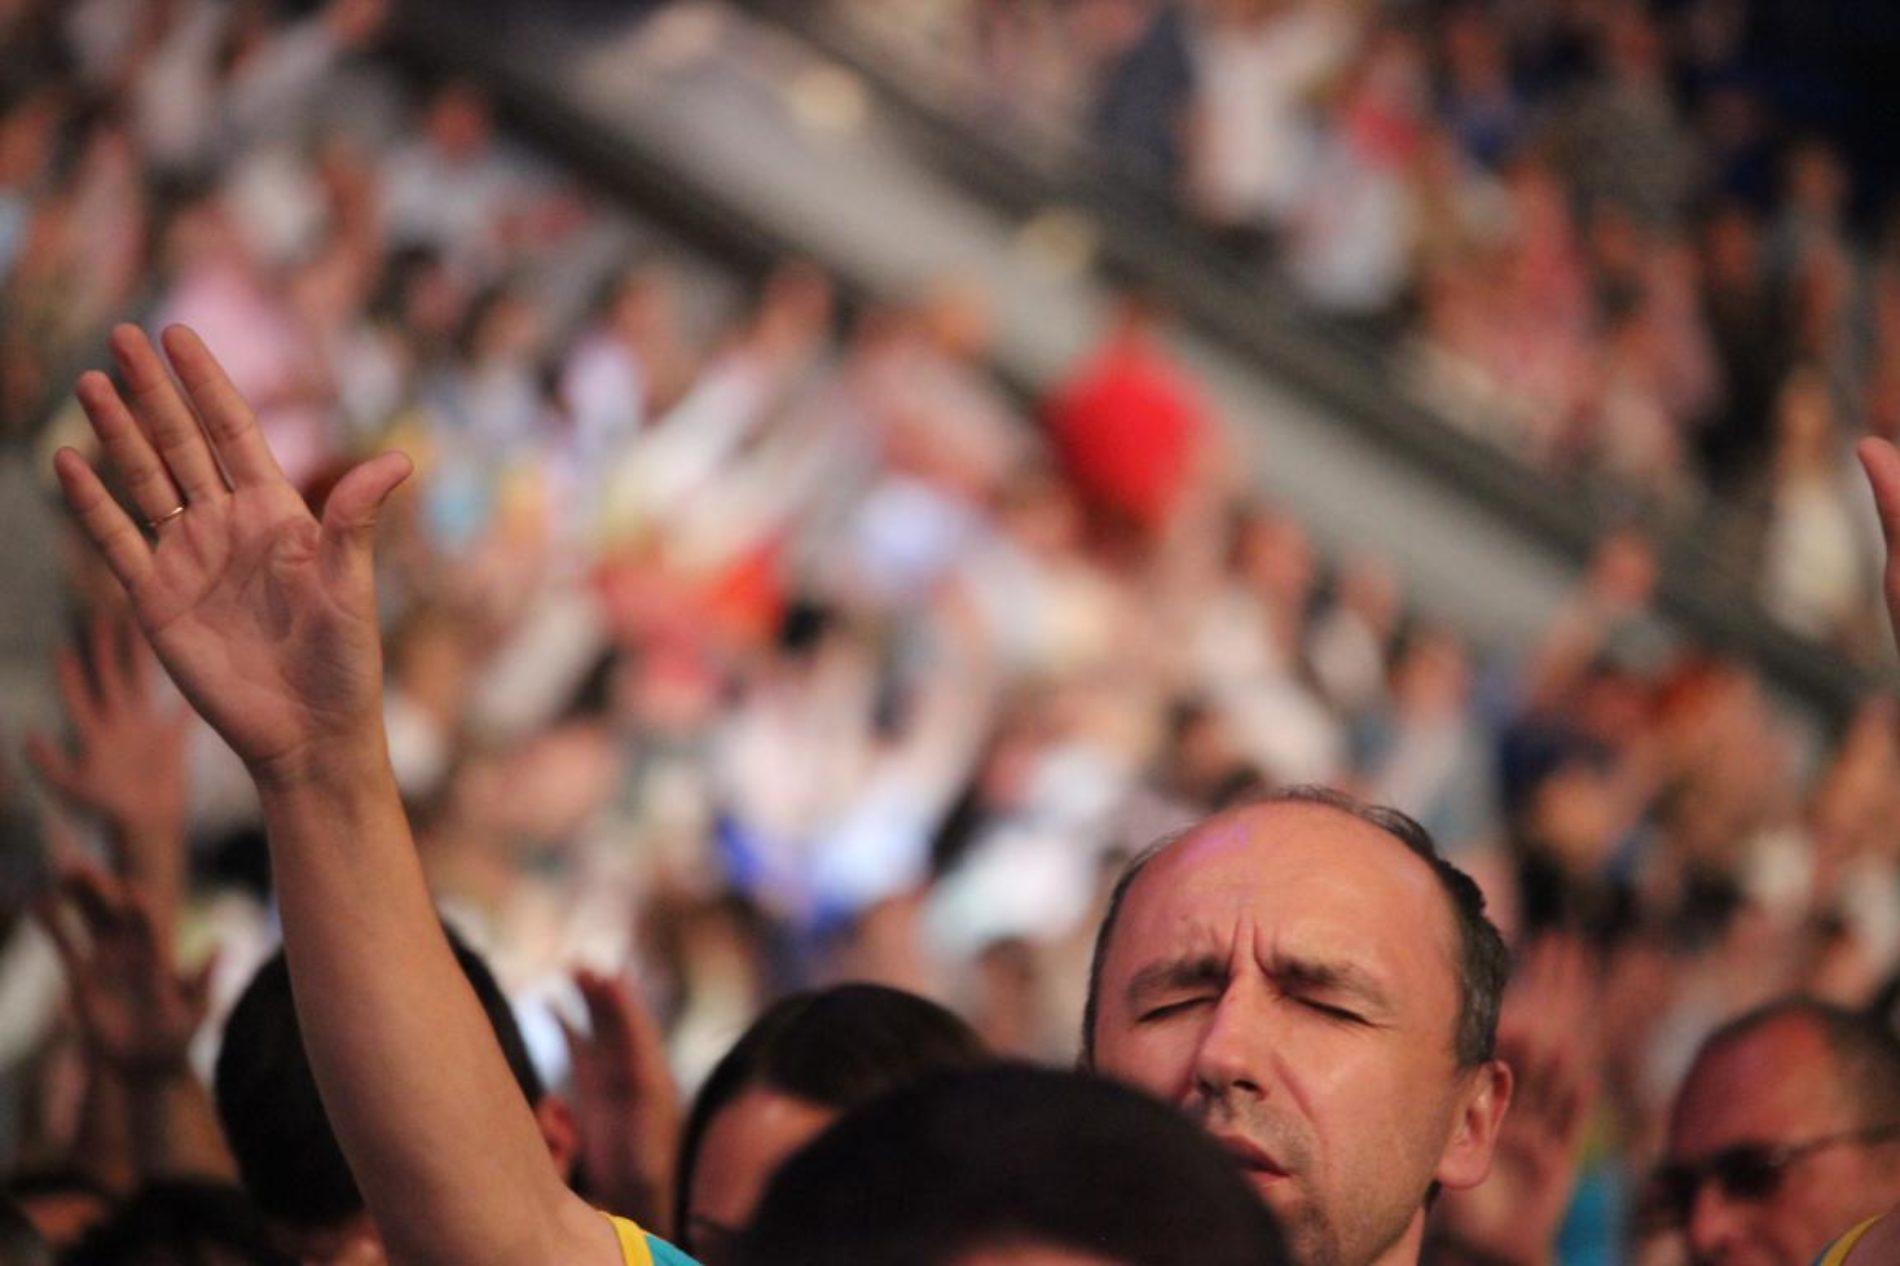 Тисячі християн об'єдналися в молитві за Україну у столичному Палаці Спорту (ФОТО)